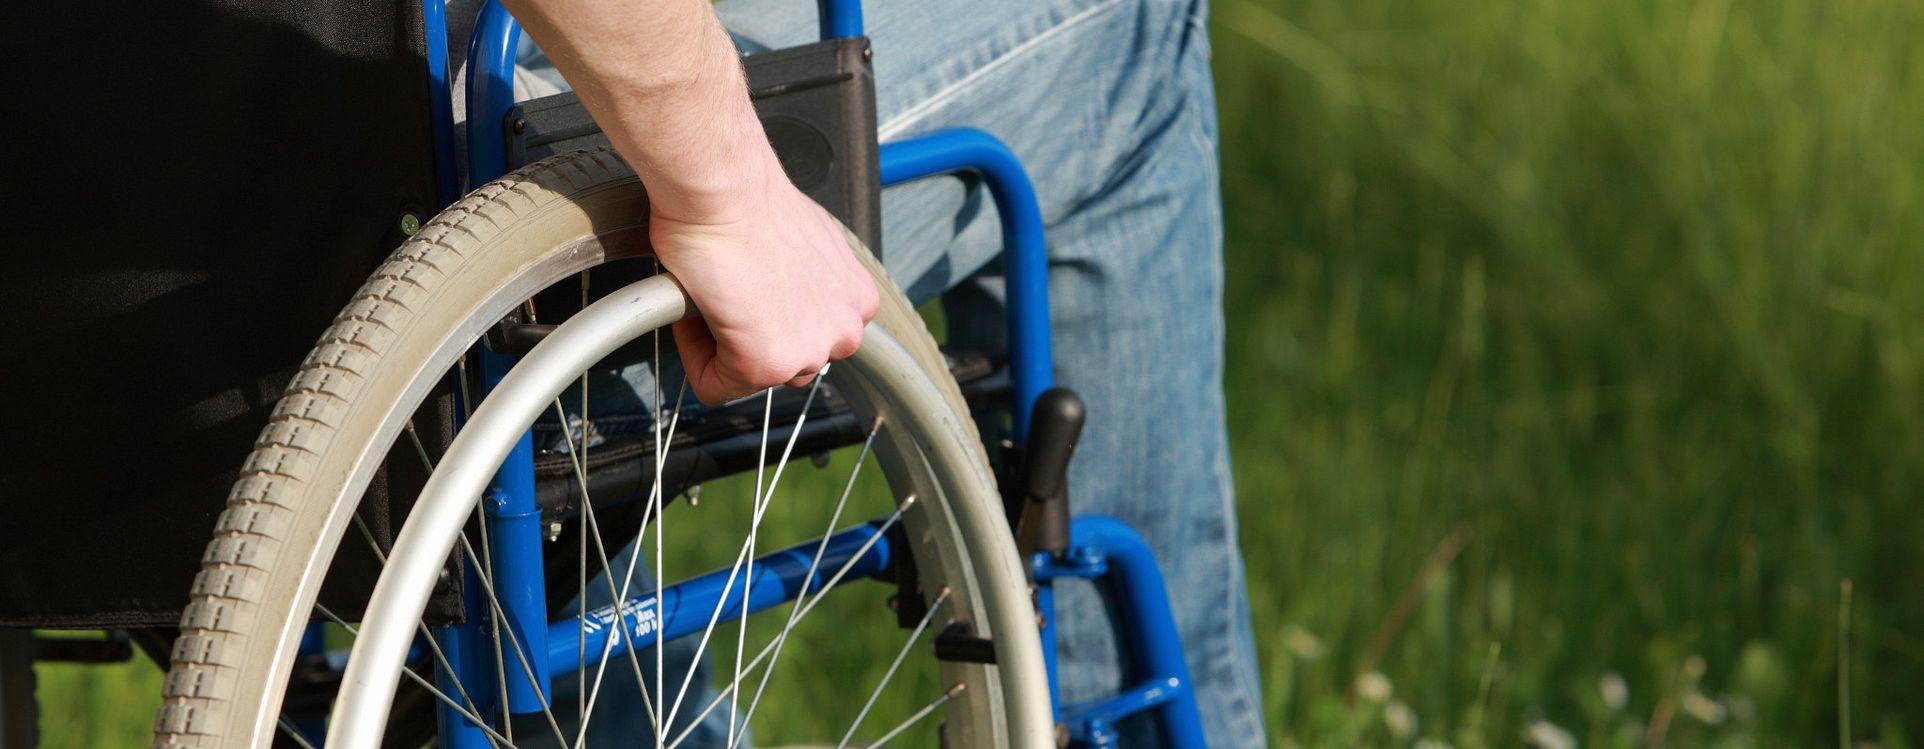 Pessoa em uma cadeira de rodas